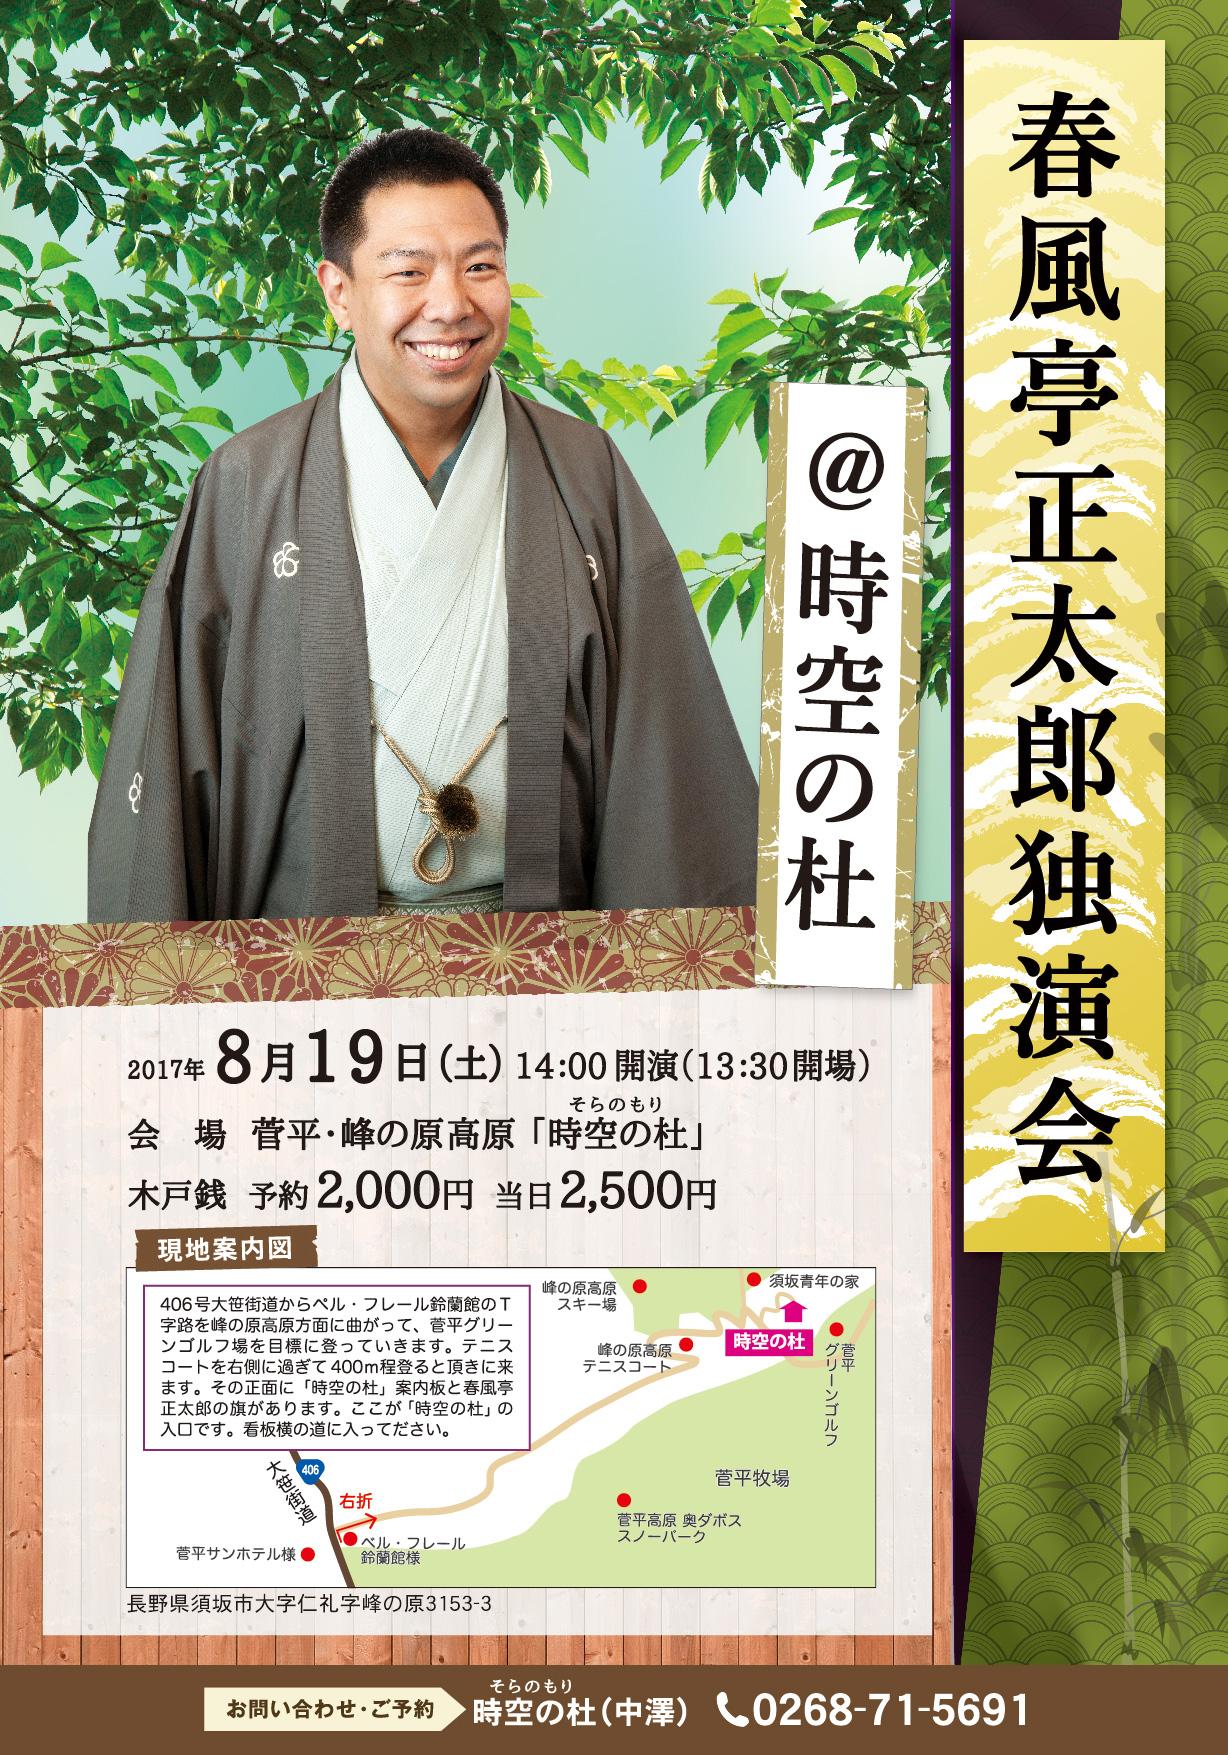 「春風亭正太郎さん独演会@時空の杜」ちらしできました。